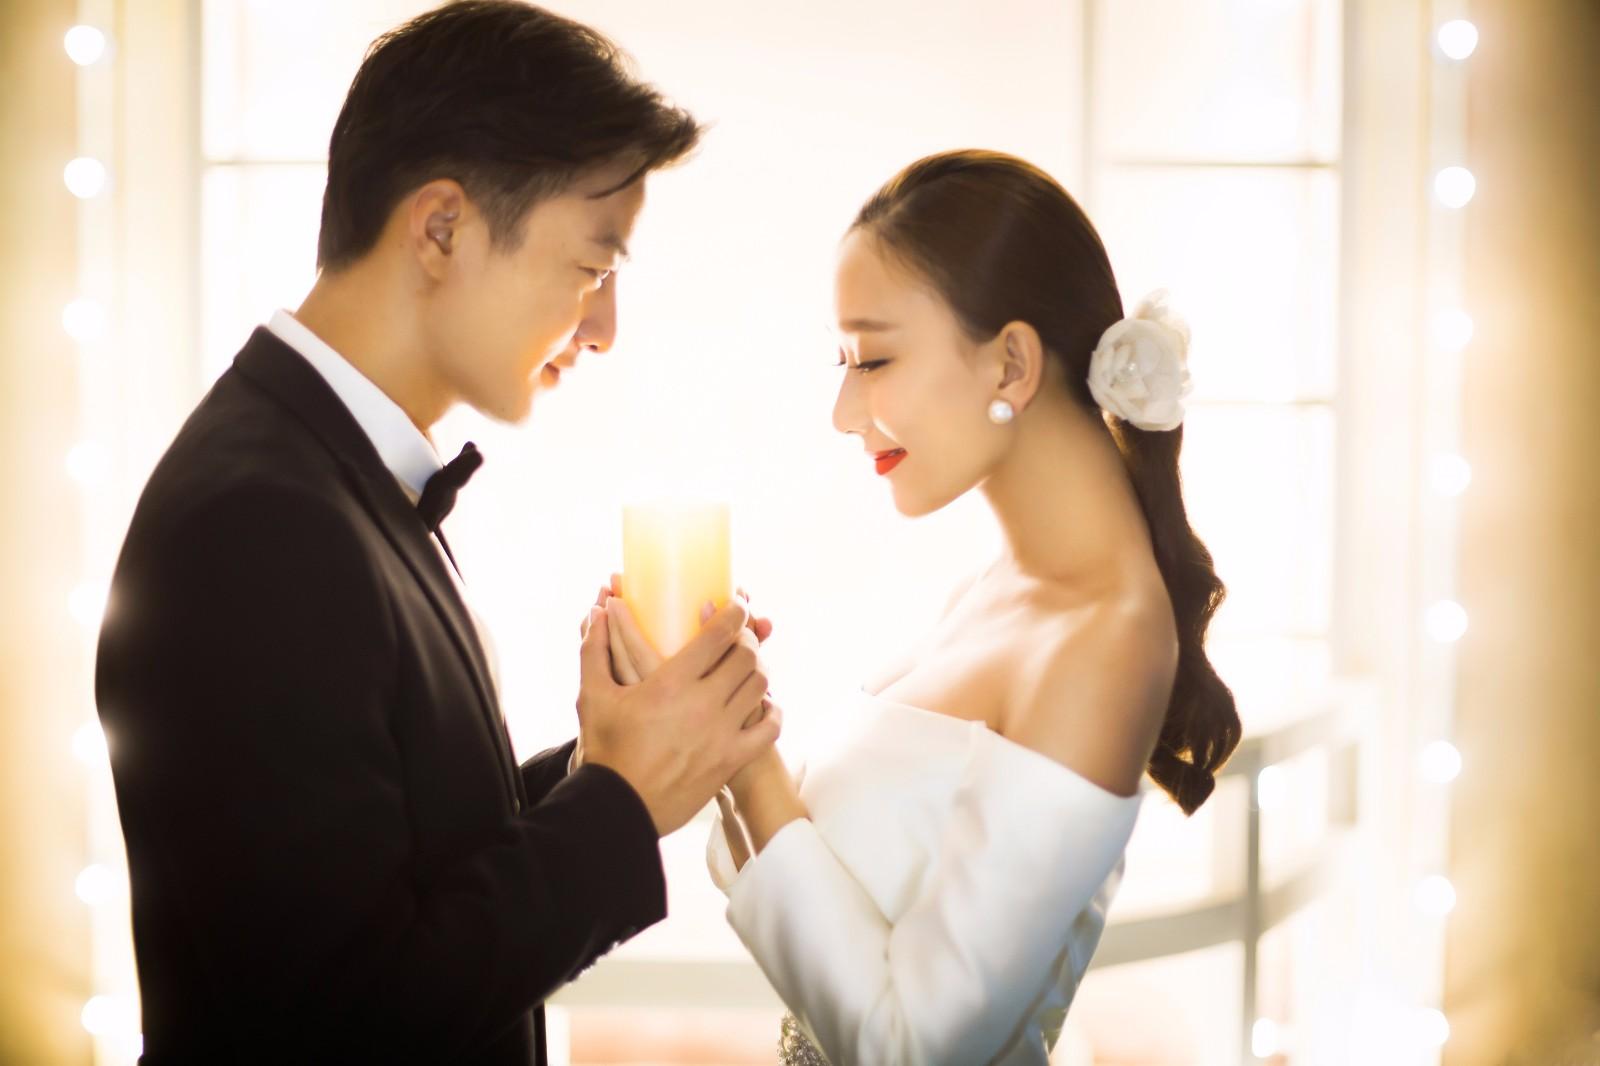 广州传统的结婚风俗有哪些?你全都知道吗?